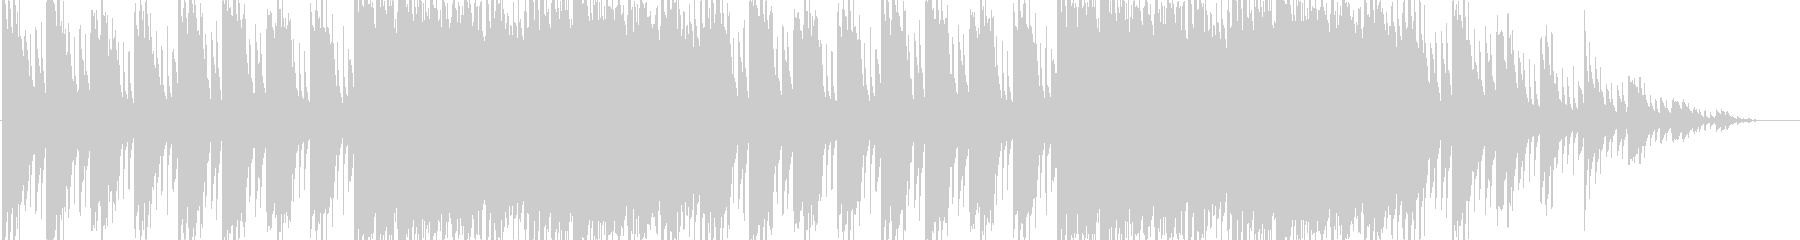 ギターの明るく切ない感じの曲の未再生の波形